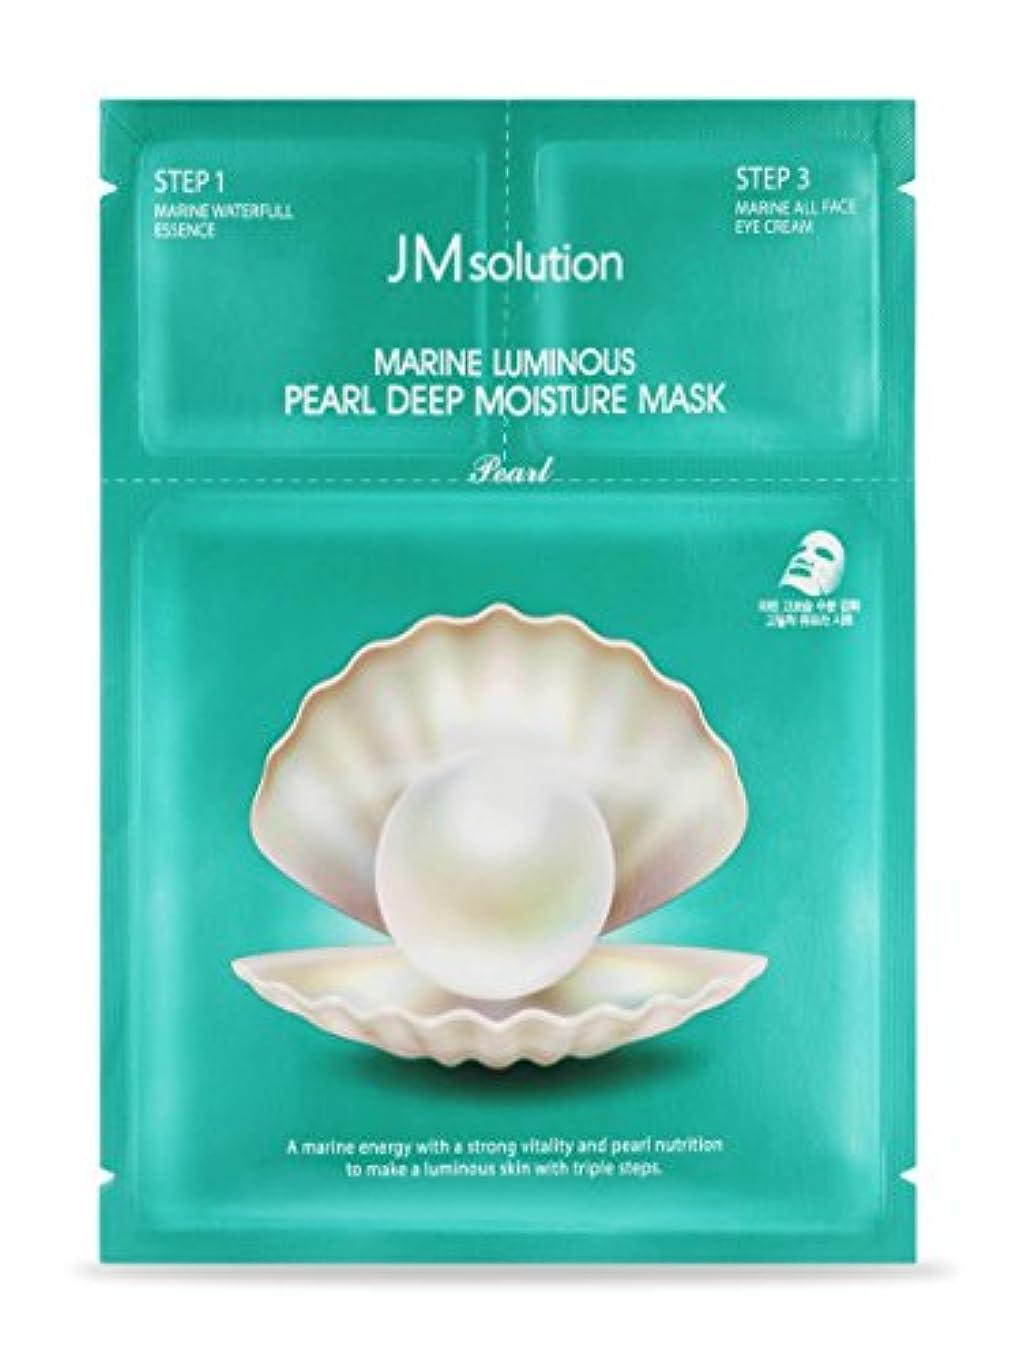 退屈な暖かさバックJMsolution(JMソルーション) マリンルミナスパールディープモイスチャマスク10枚セット